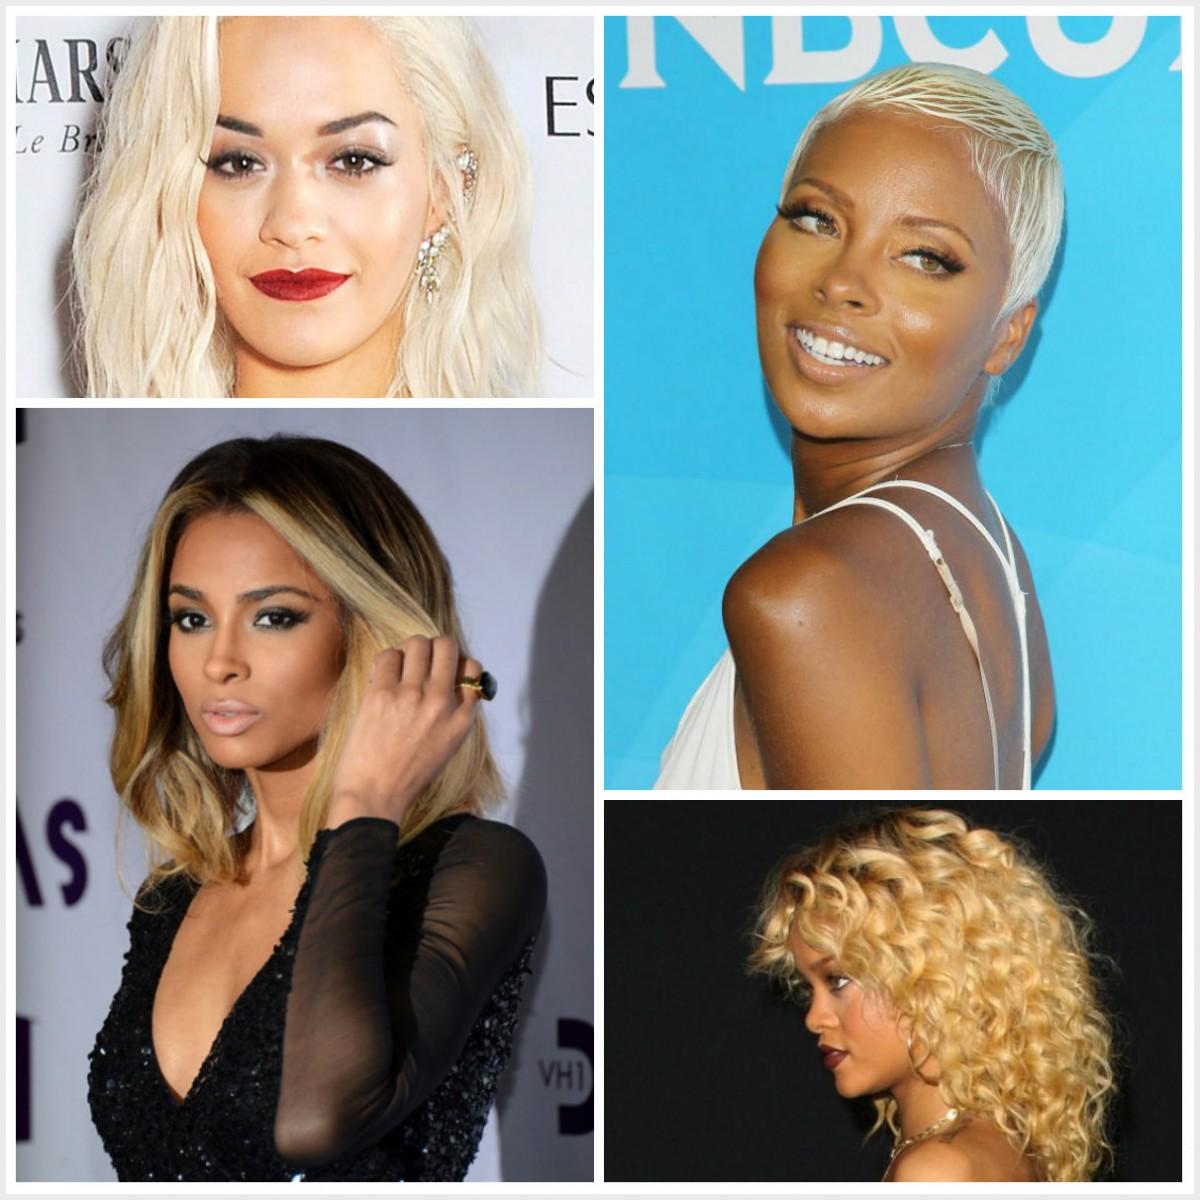 hair dye ideas Best Hair Dye Ideas For Women 2019 unnamed file 262